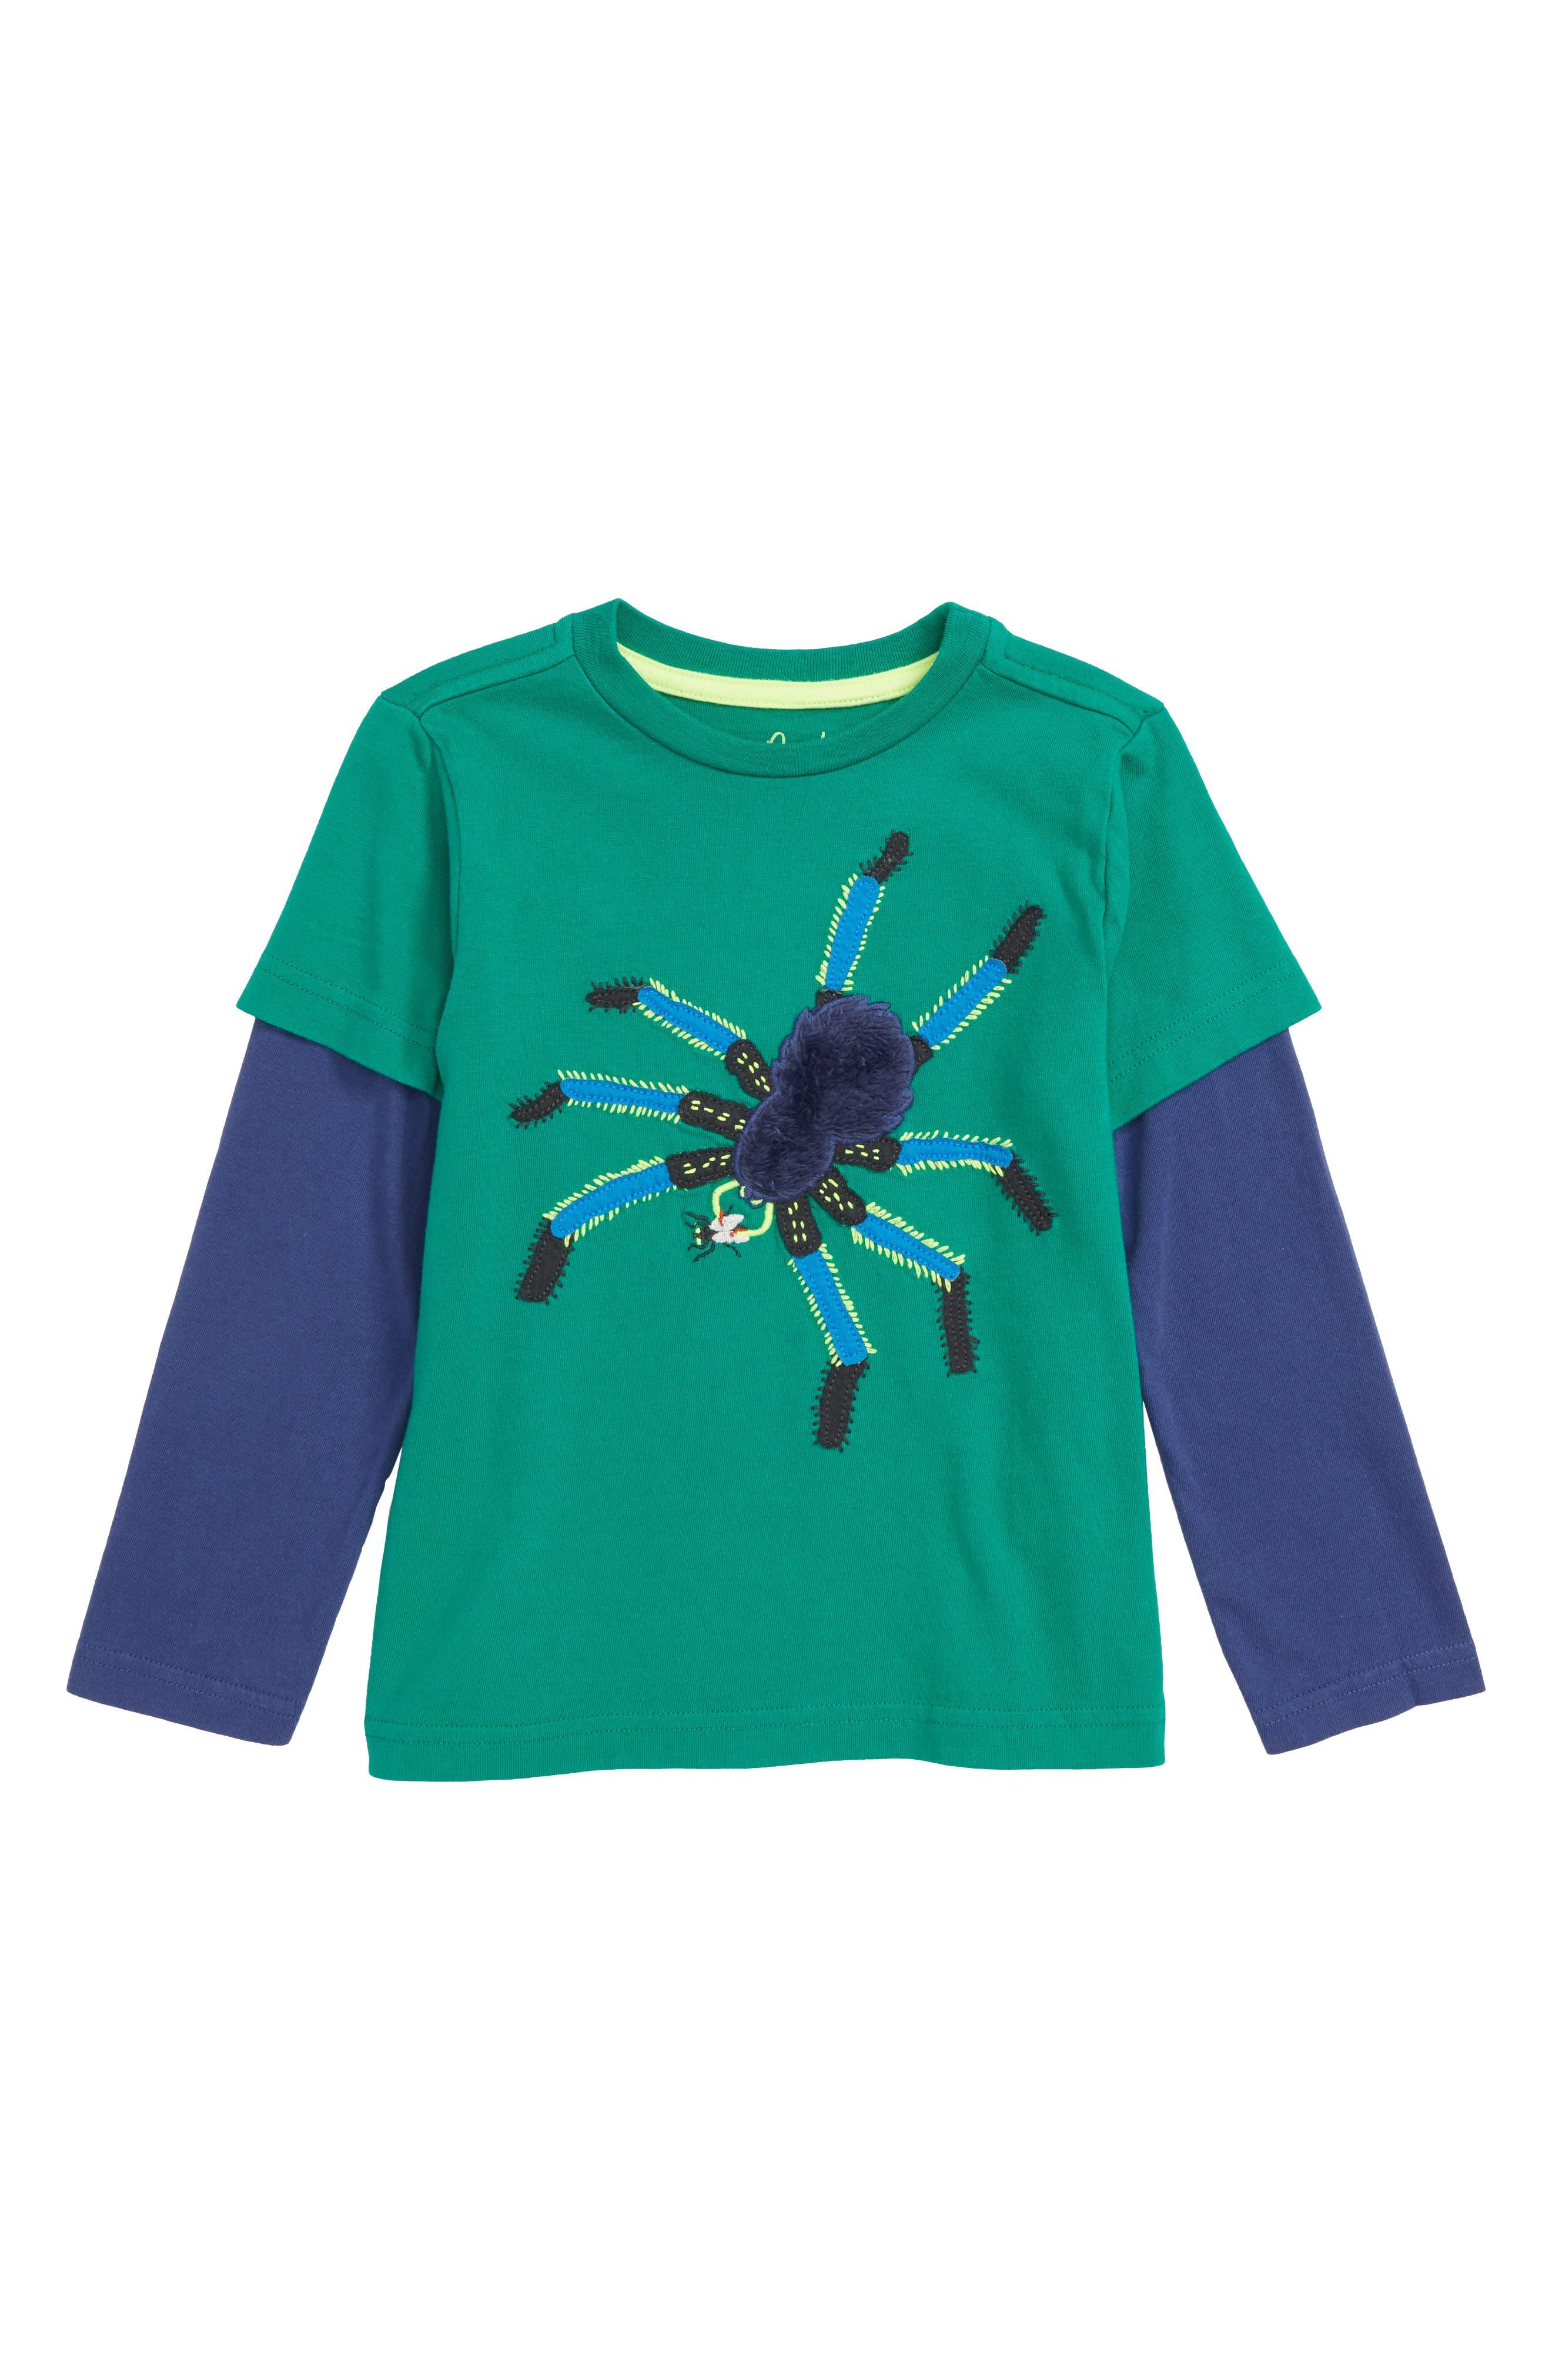 Creepy Crawly Spider T-Shirt,                             Main thumbnail 1, color,                             315